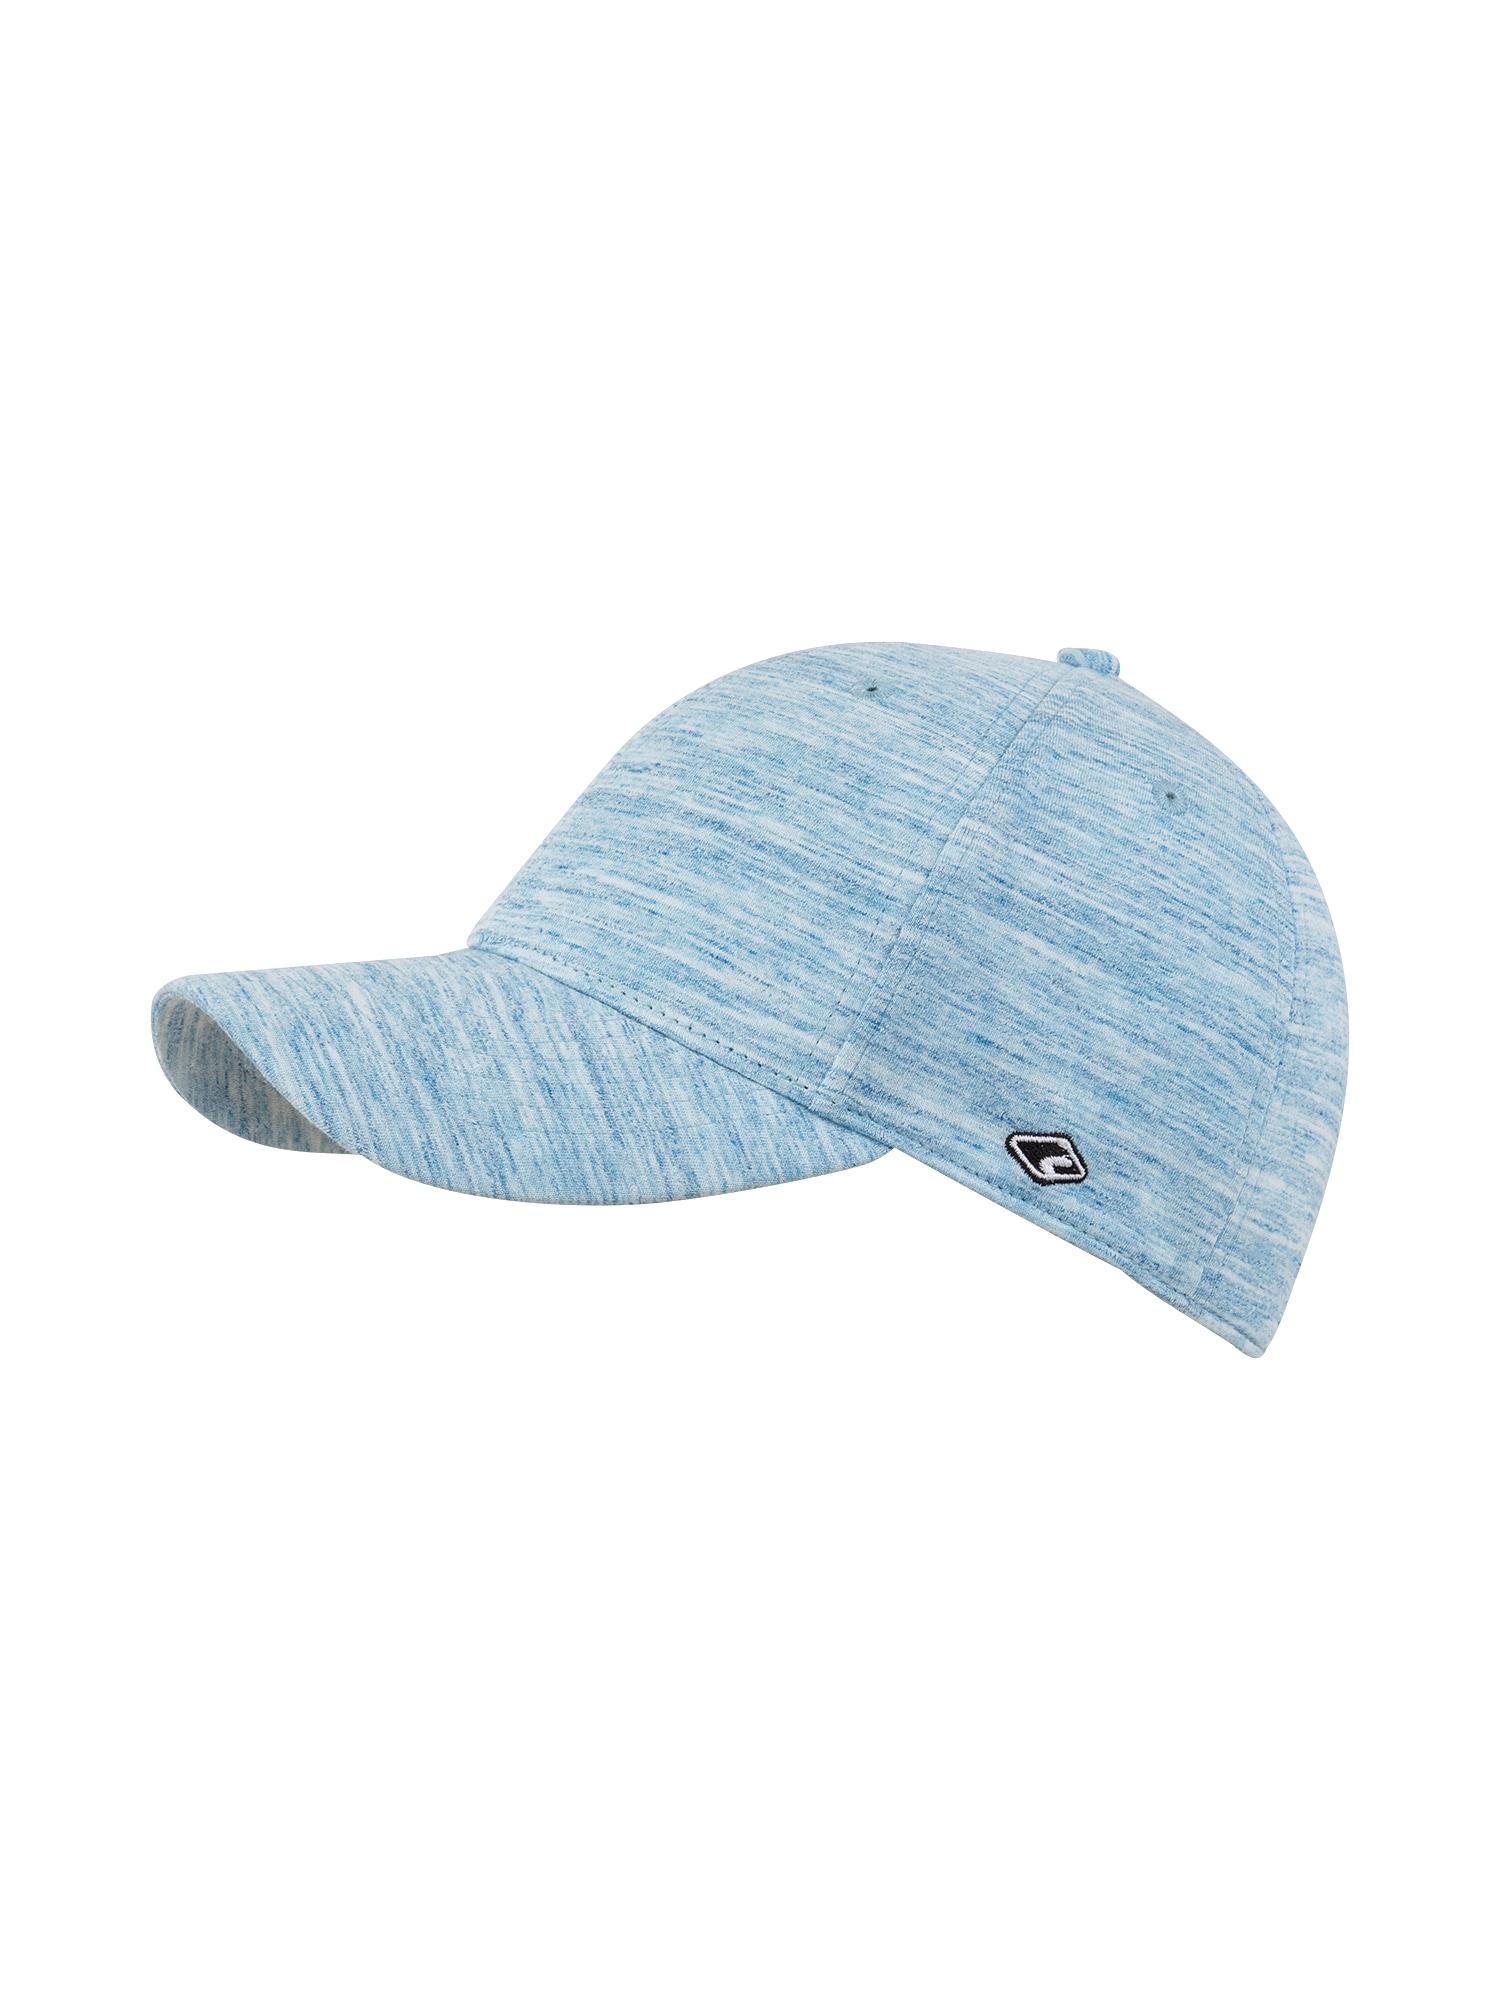 Čepice Narva Hat krémová nebeská modř Chillouts